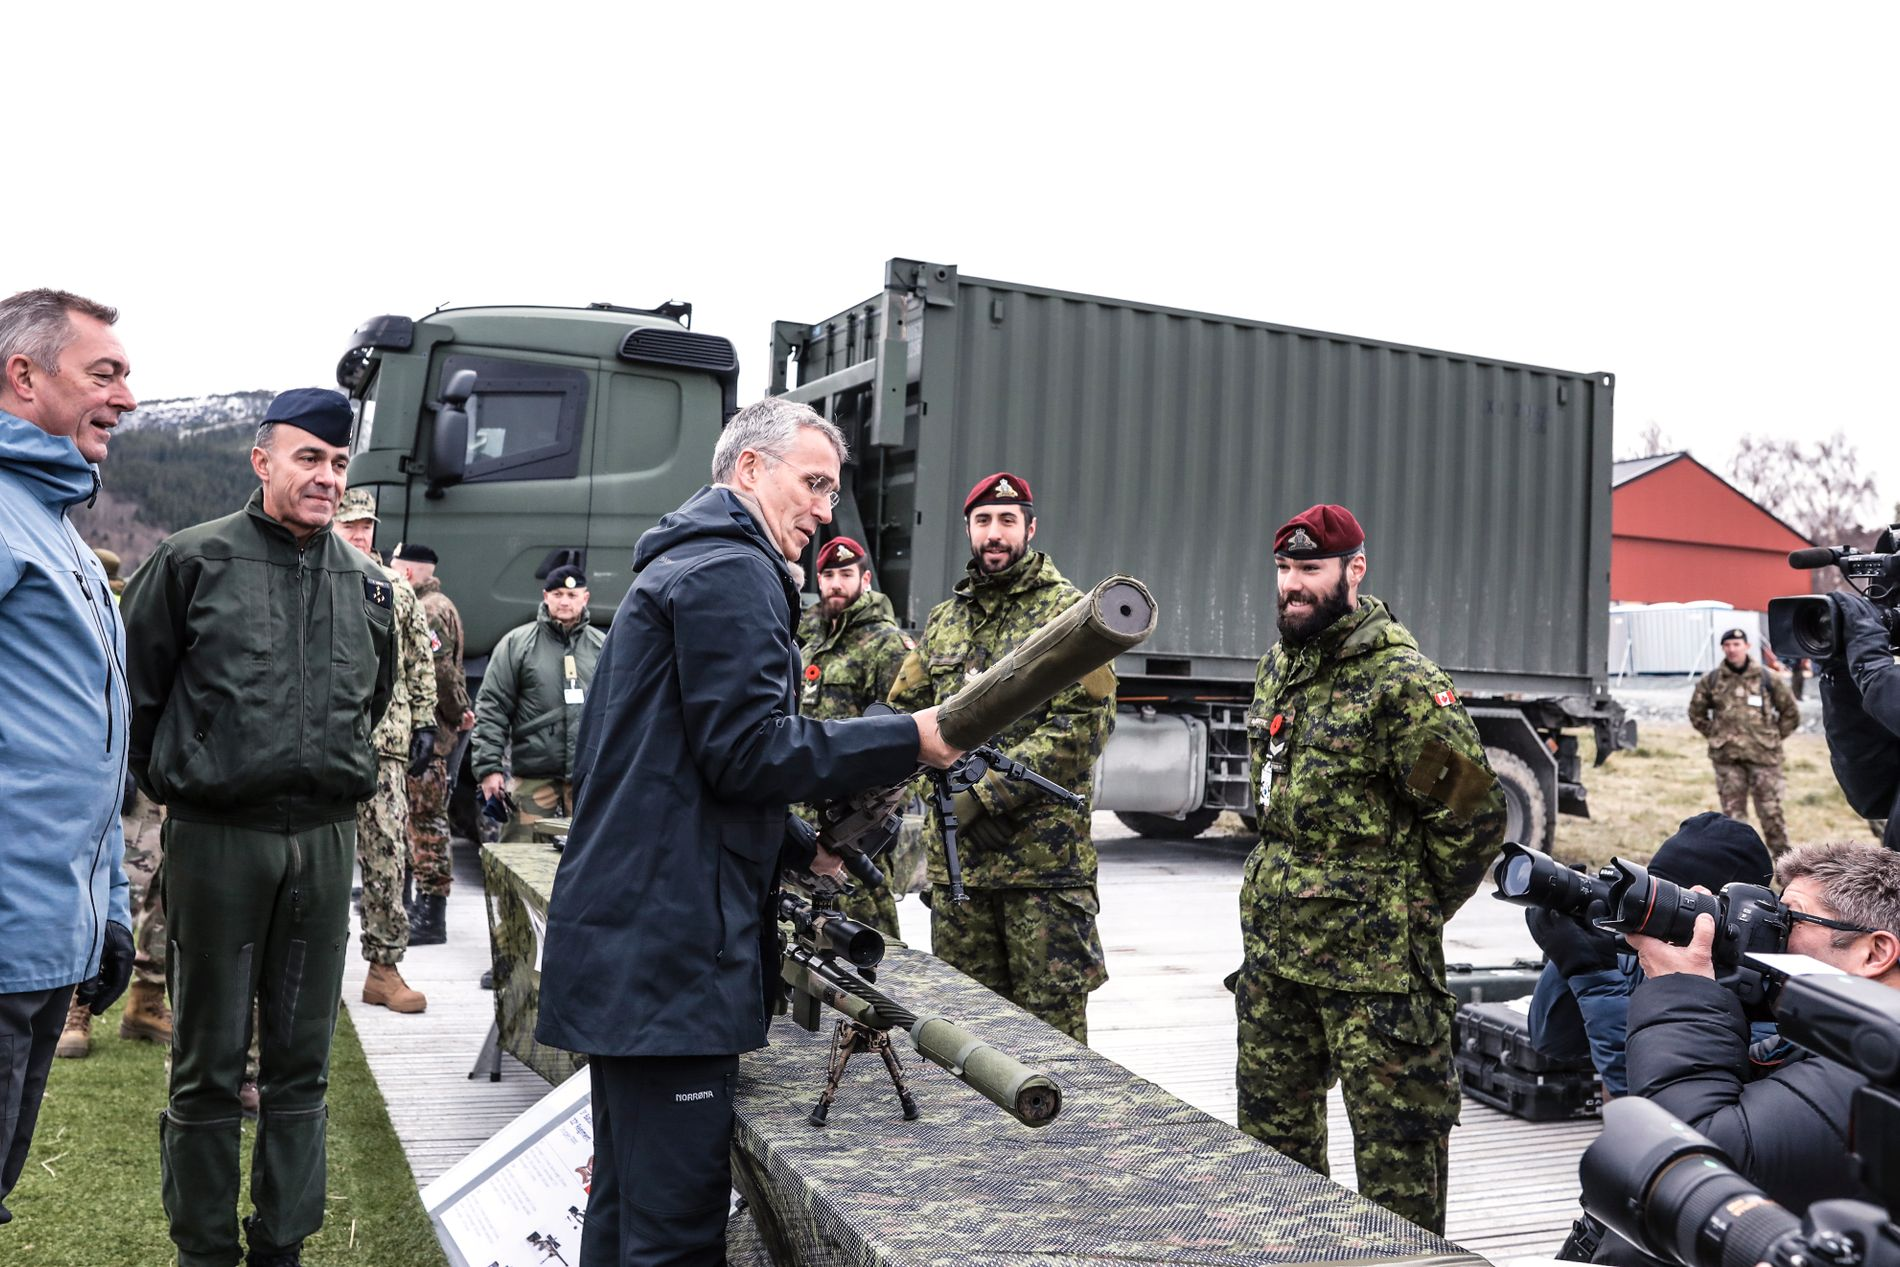 SJEKKER UTSTYRET: Nato-sjef Jens Stoltenberg og Norges forsvarsminister Frank Bakke-Jensen sjekker utstyret til noen av styrkene som deltar i øvelsen Trident Juncture.